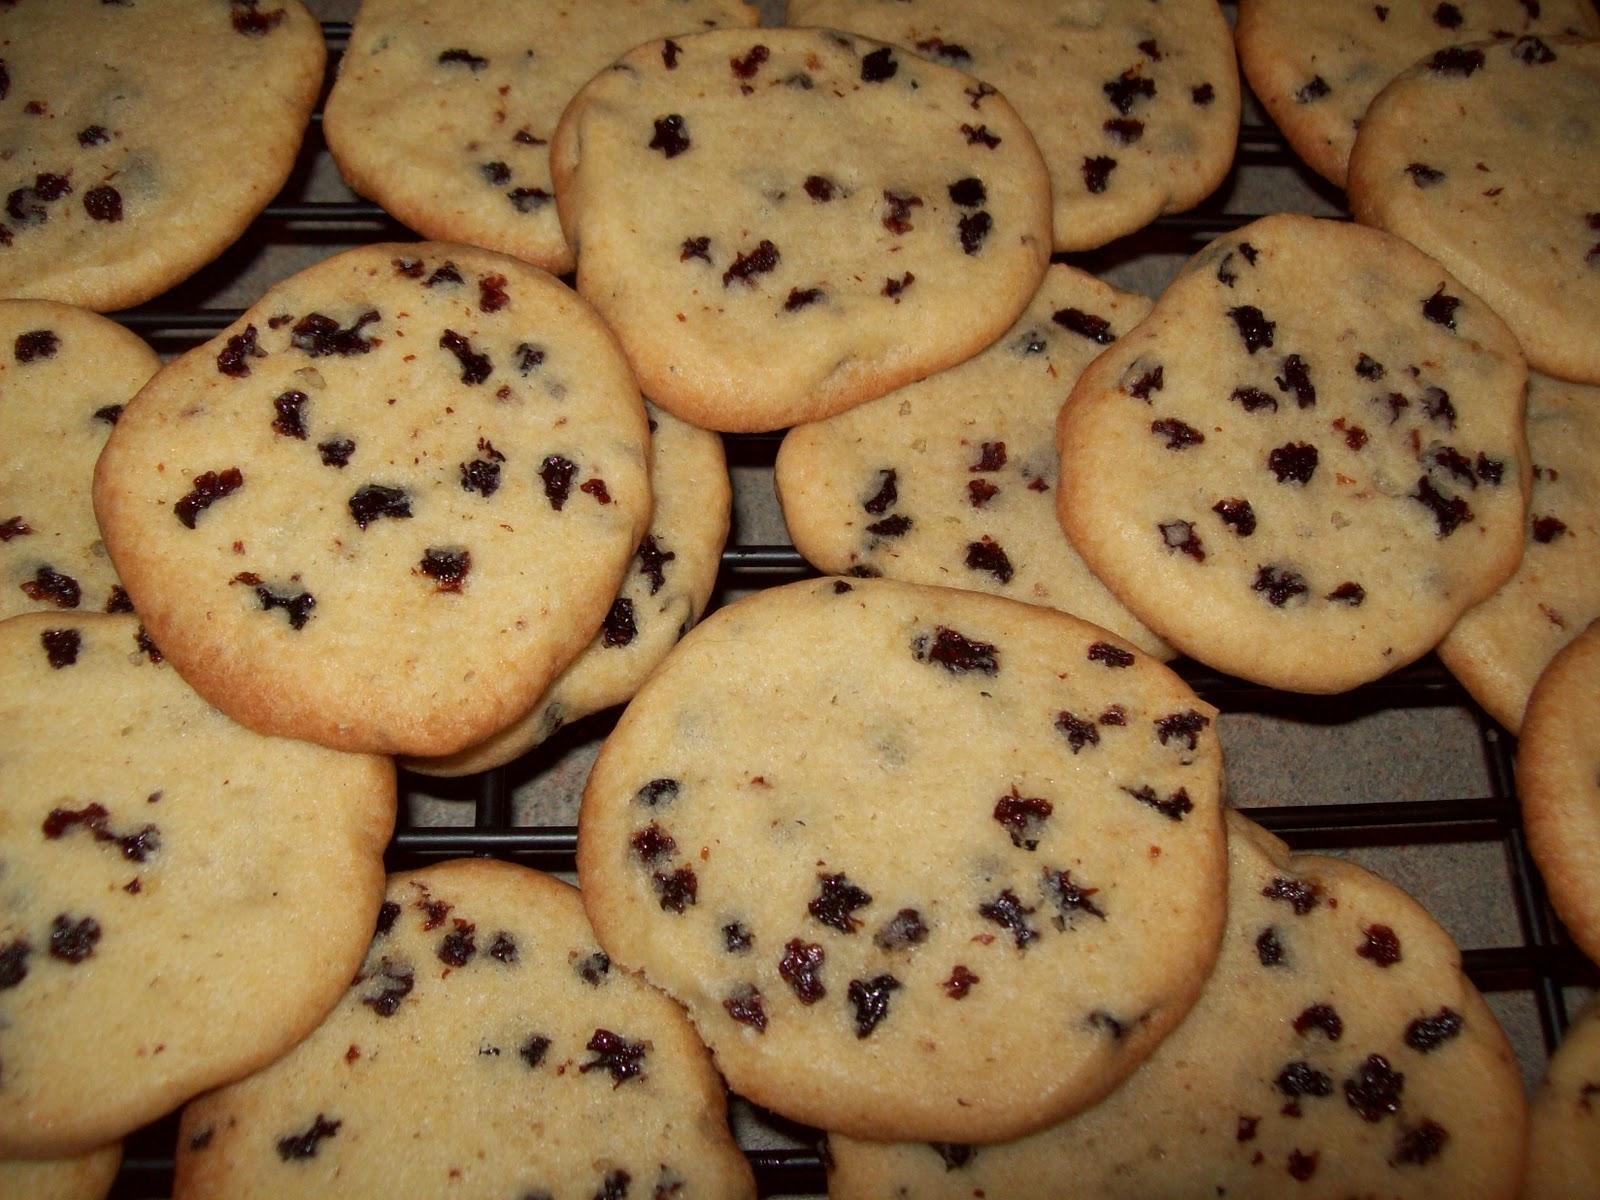 Currant cookies recipes